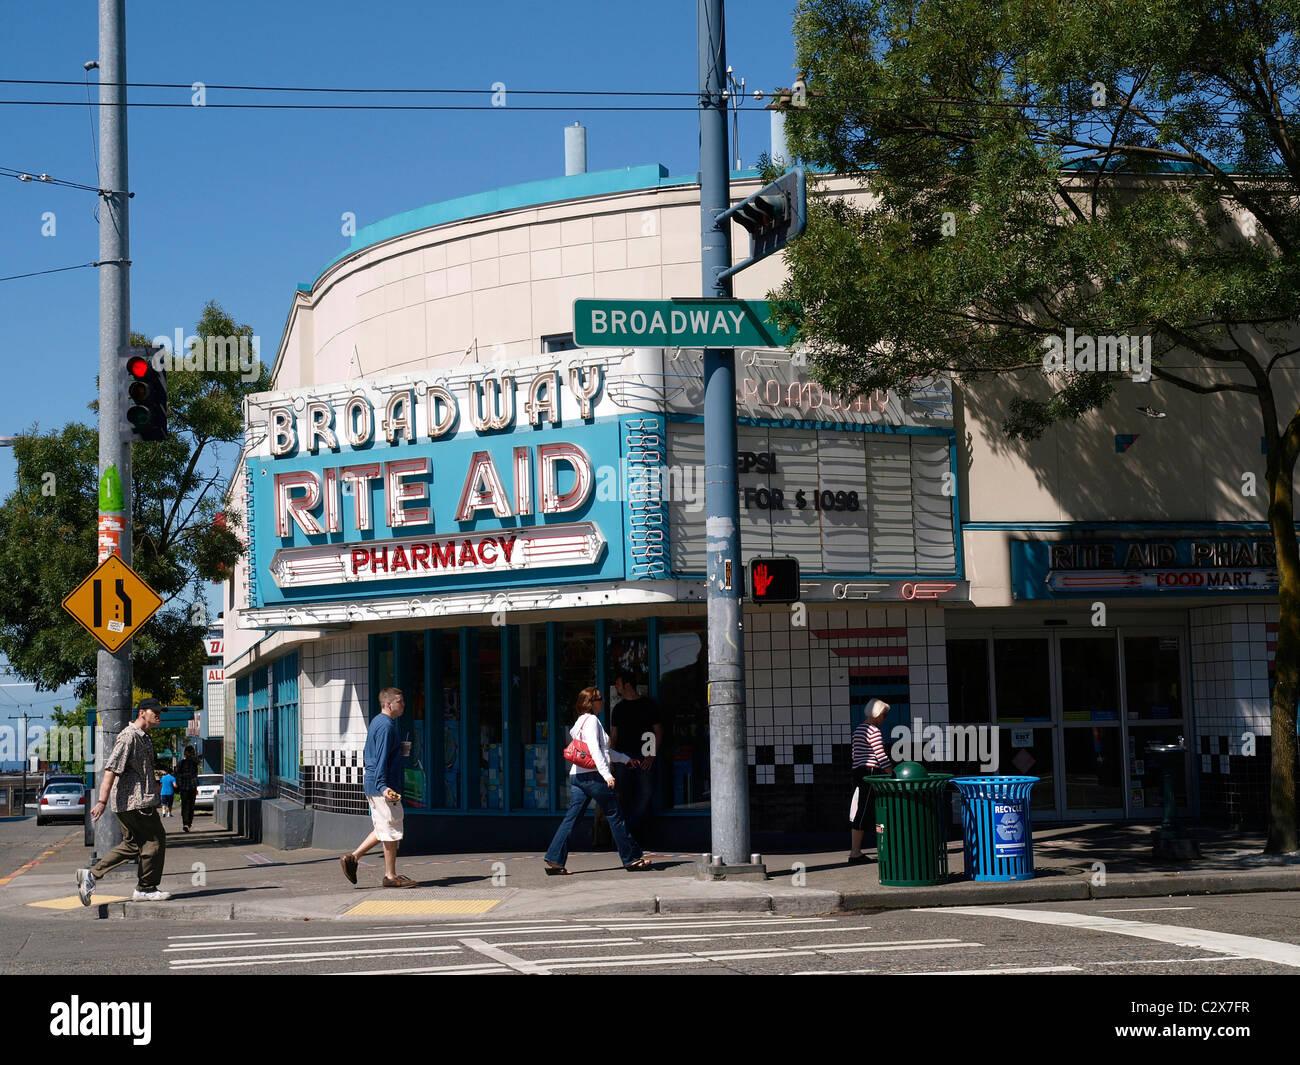 Broadway Rite Aid Broadway Avenue Seattle Washington USA - Stock Image